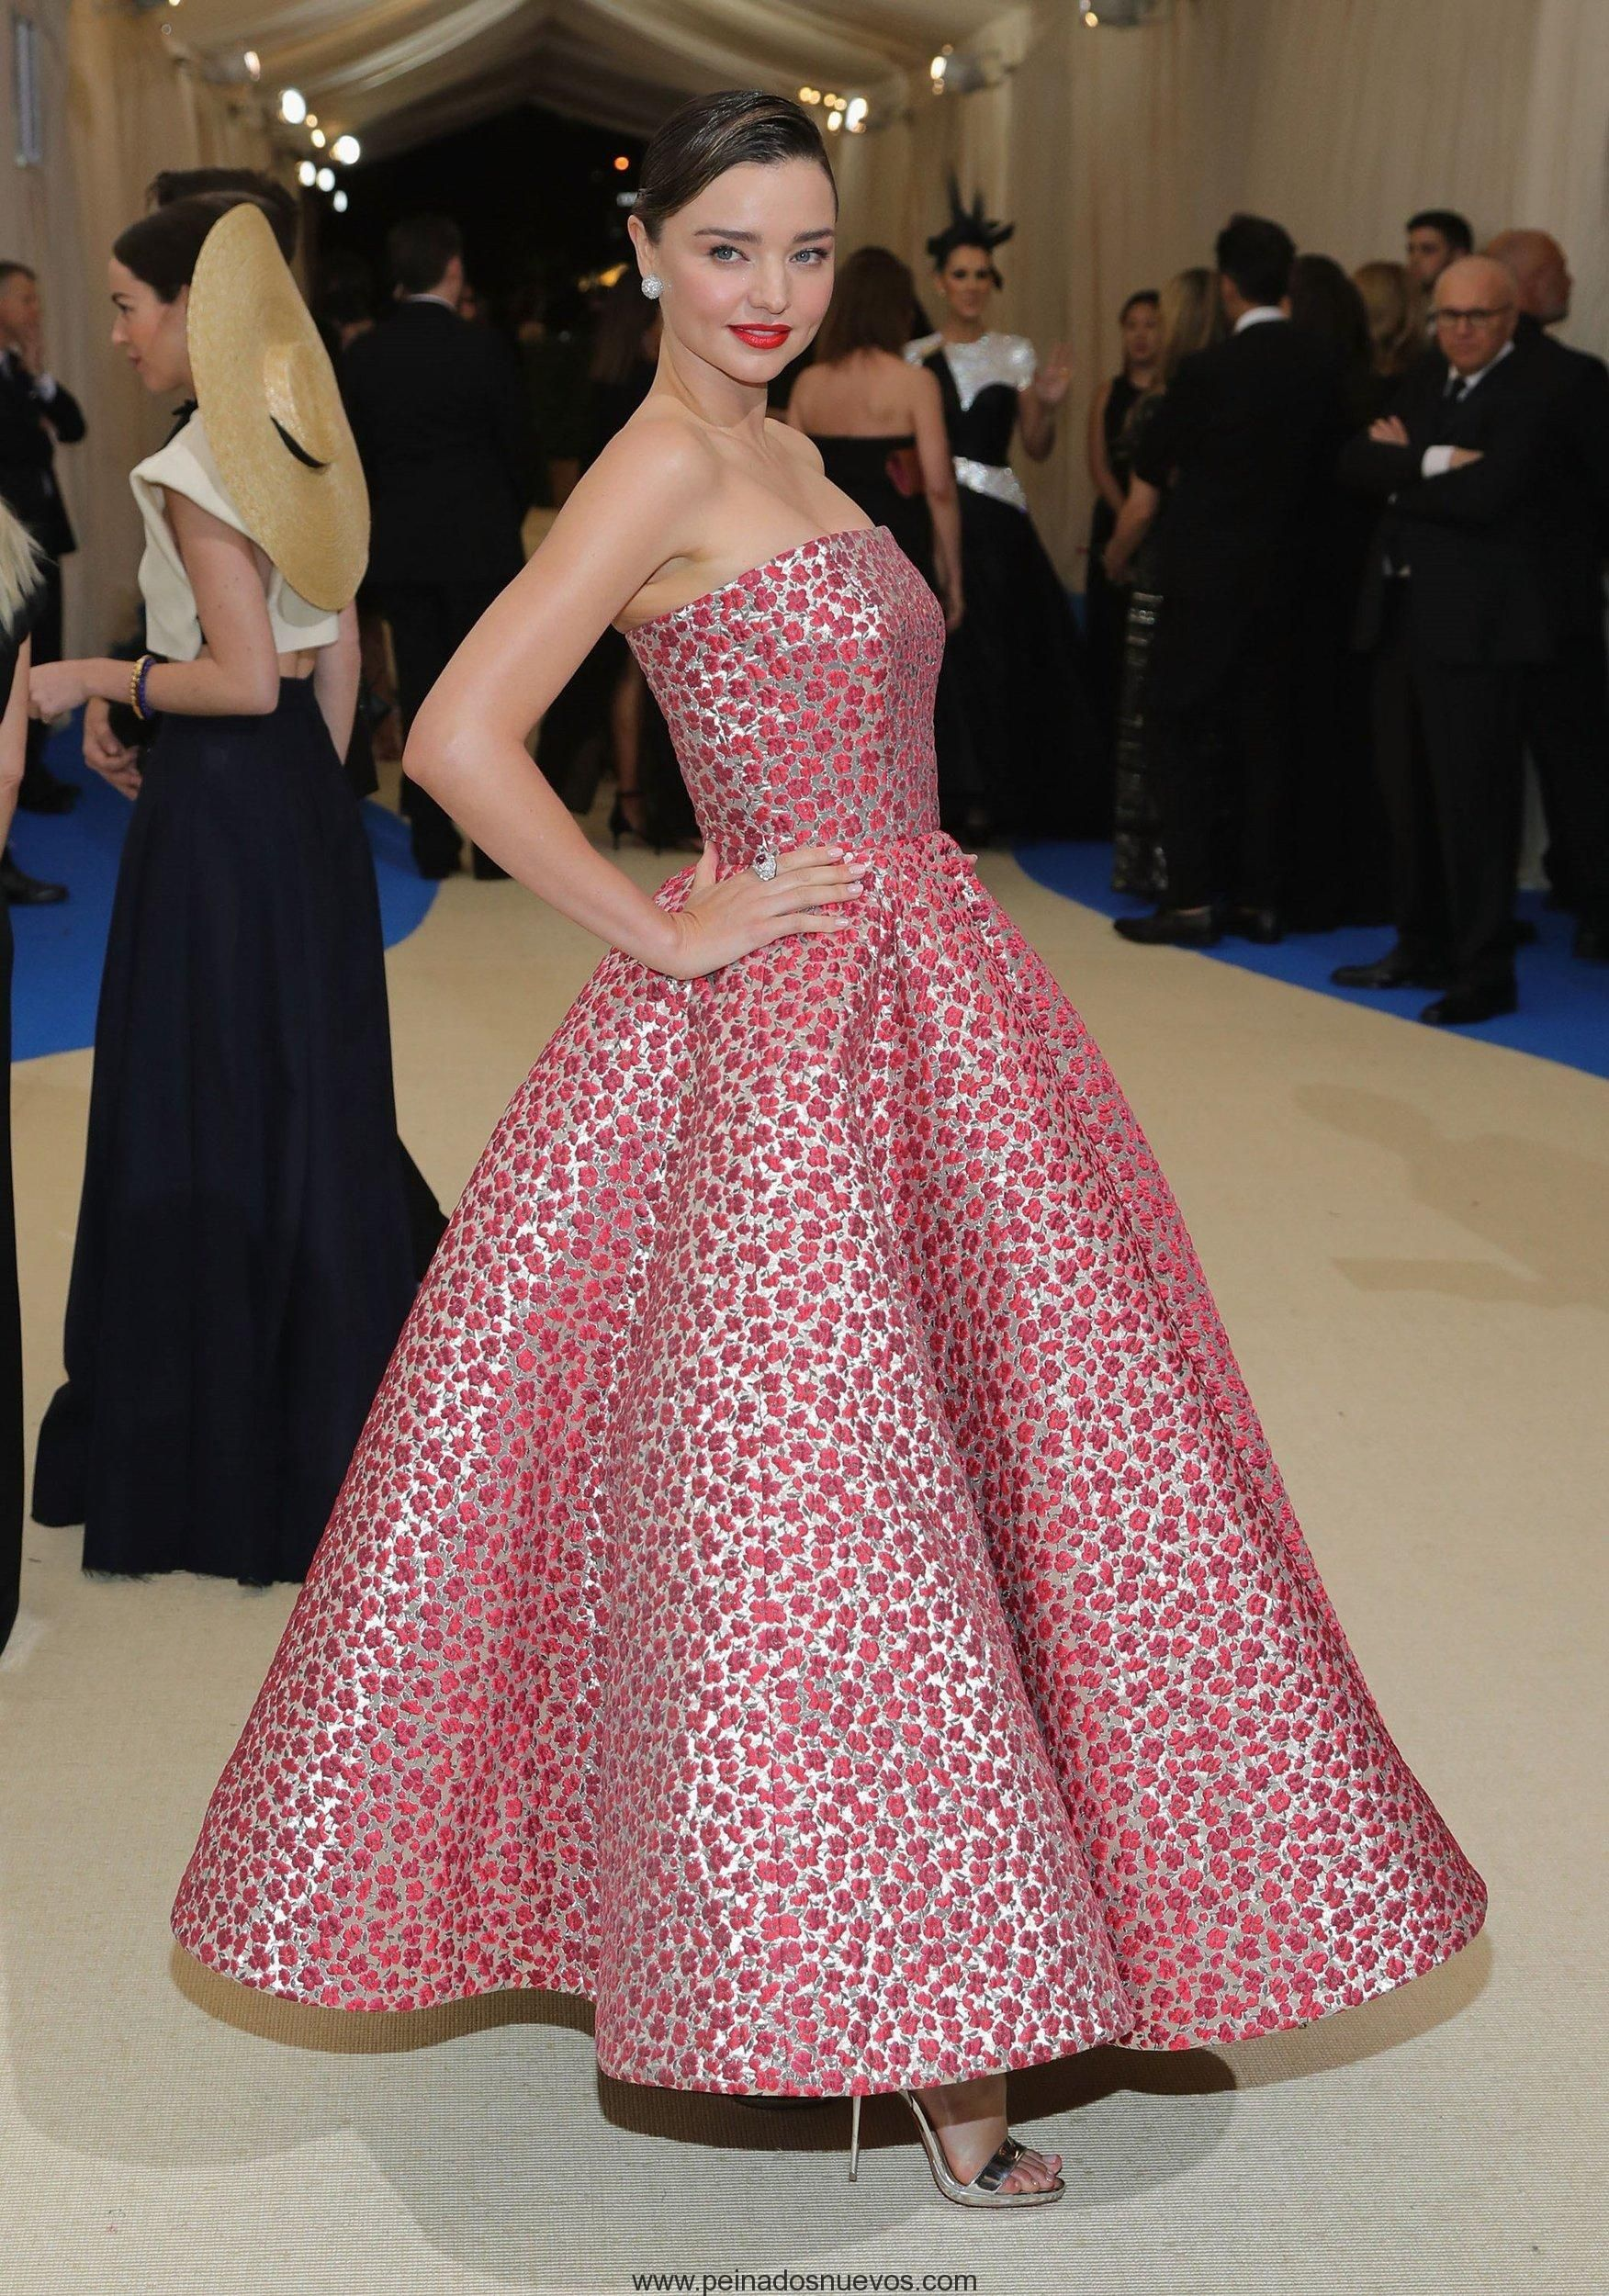 Miranda Kerr peinados updo 2017 Gala Met | Peinados Populares ...